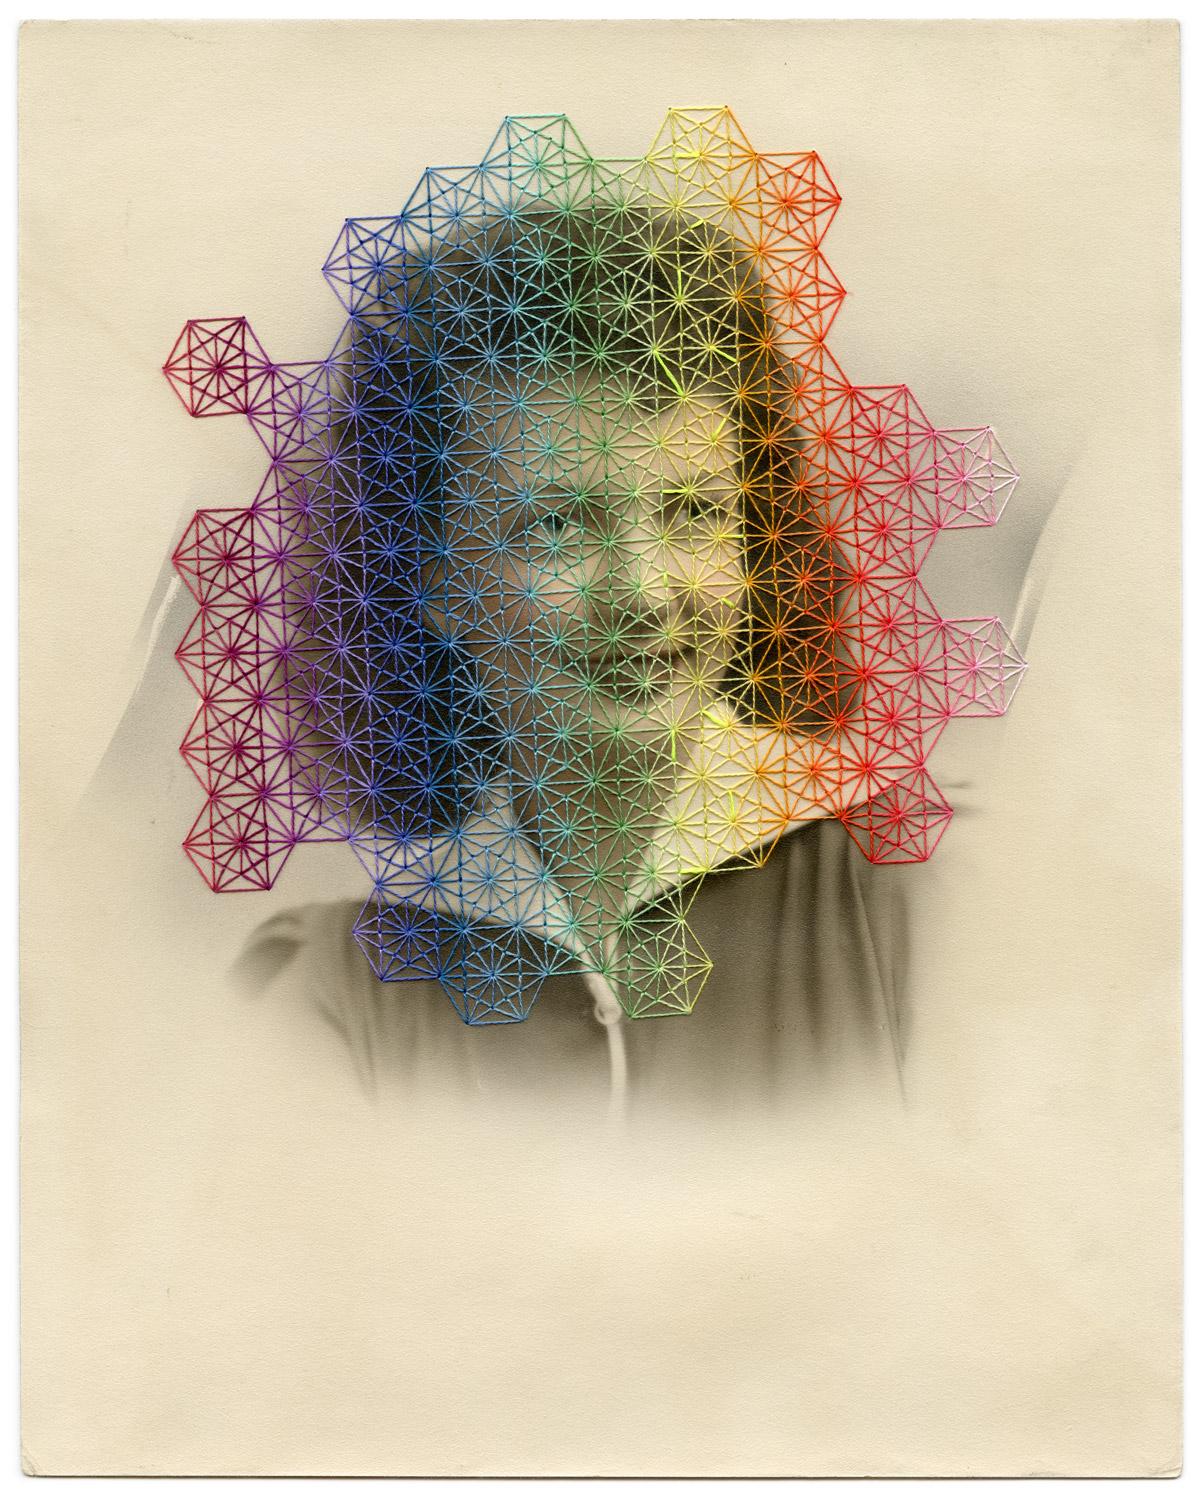 Julie Cockburn